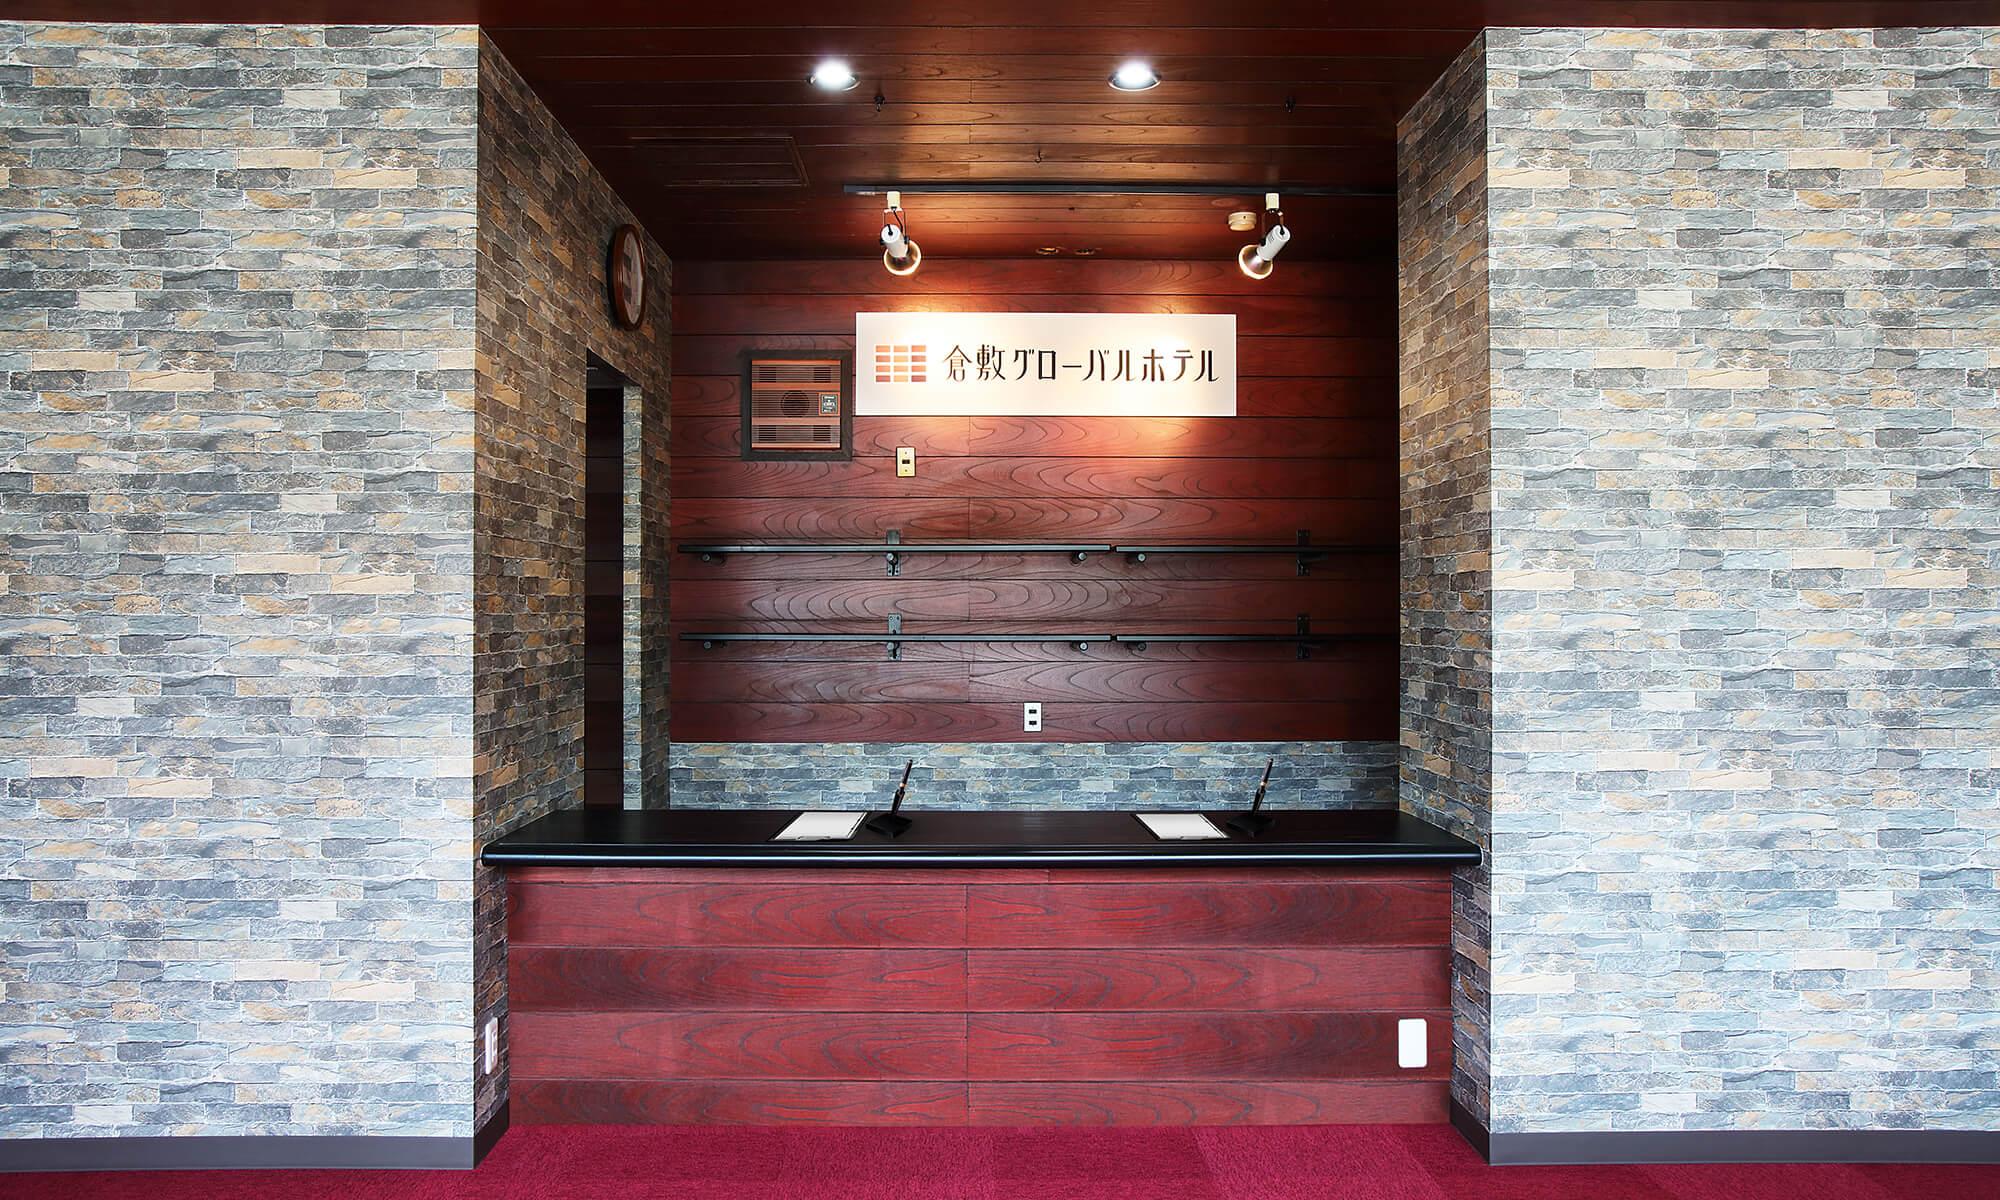 倉敷グローバルホテル1階フロント